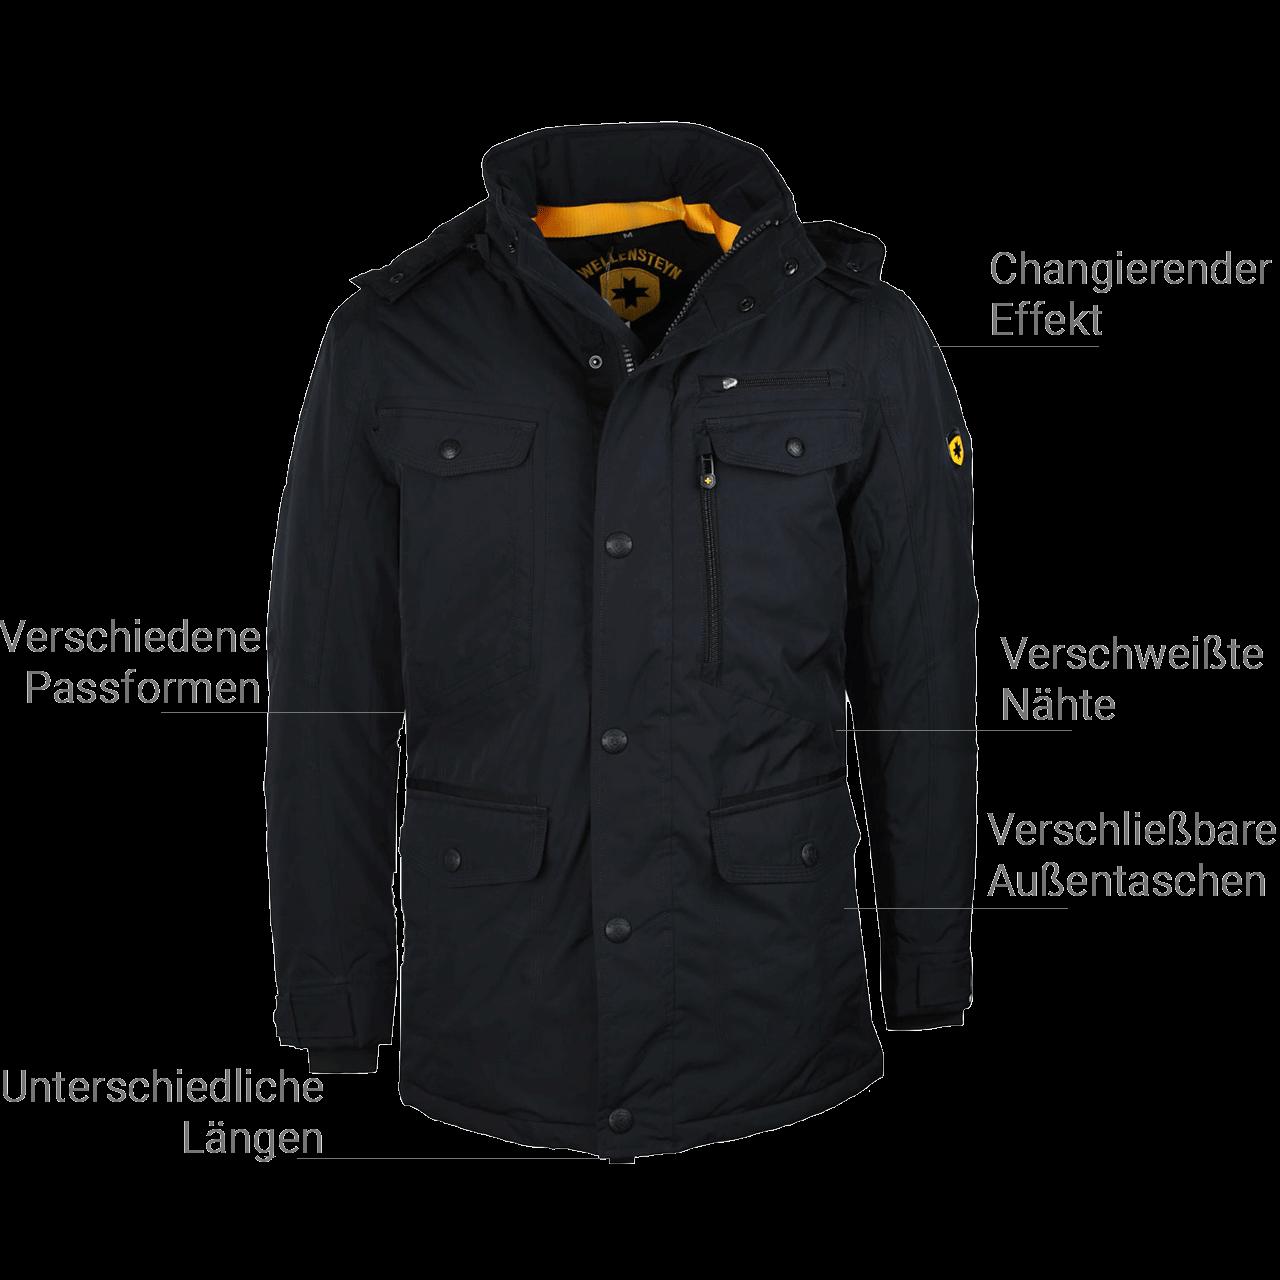 Jacken von Wellensteyn für Männer in Hildesheim kaufen